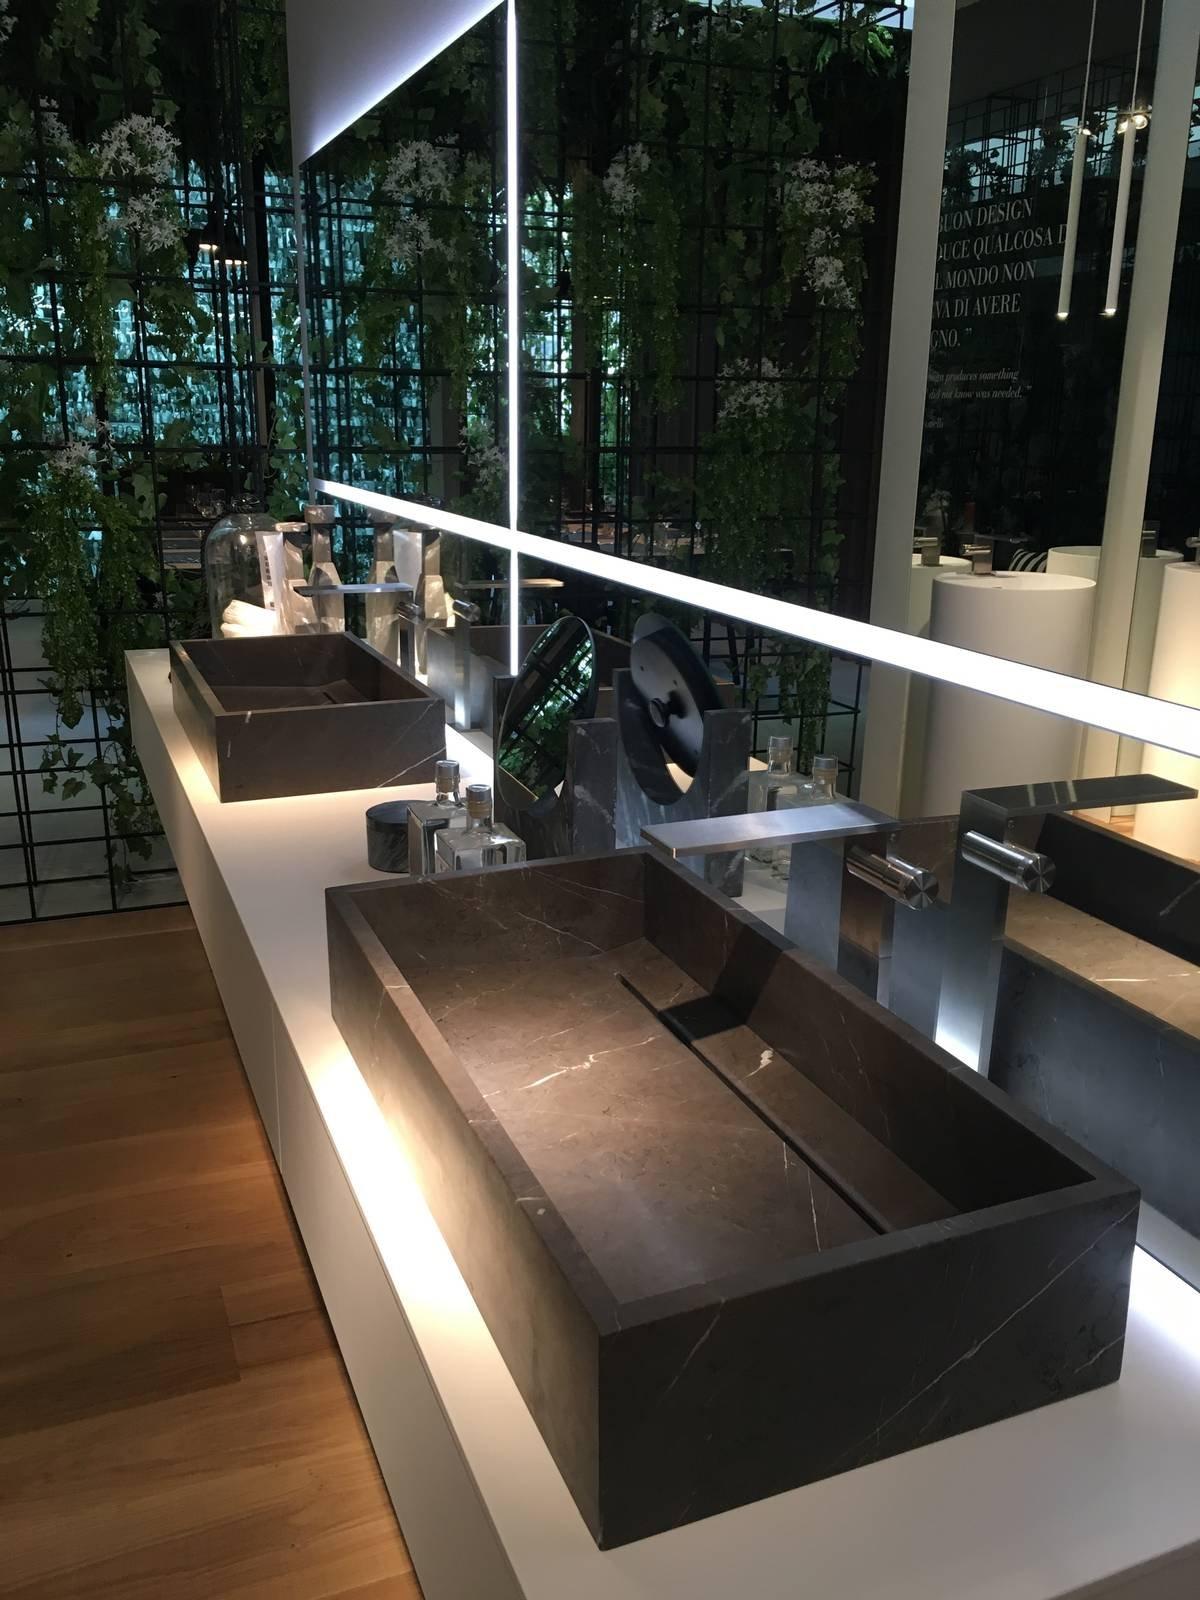 Foto in diretta da cersaie 2017 guarda le nuove tendenze per bagno piastrelle e finiture di - Piastrelle per casa ...